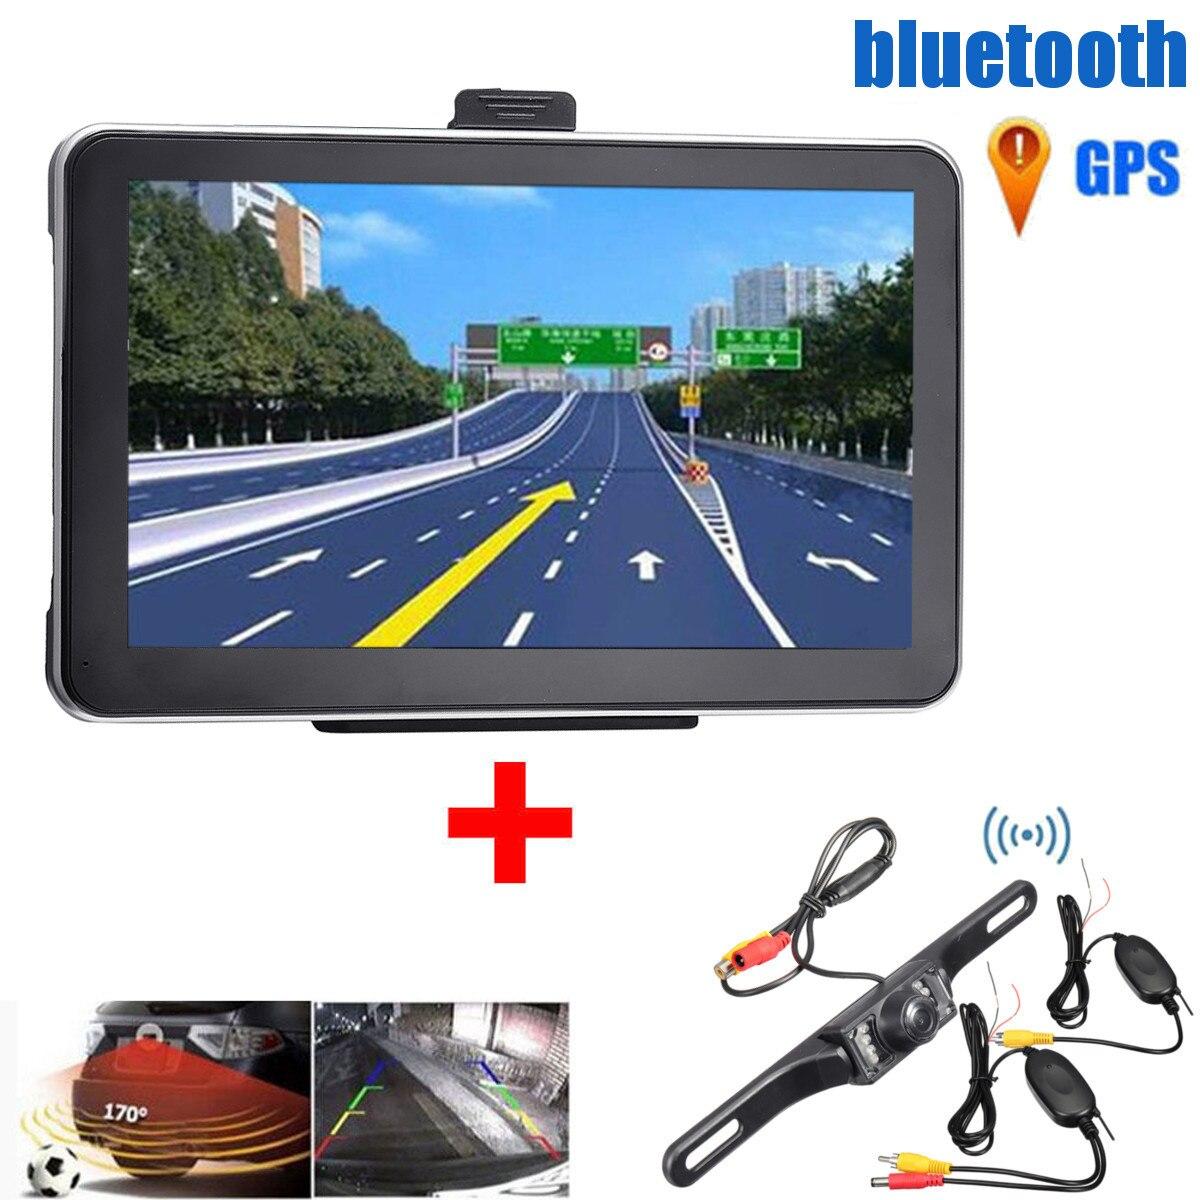 7 pouces 8 GB sans fil voiture GPS Navigation avec nuit de sauvegarde caméra de recul Auto voiture Kit électronique véhicule GPS Kit de Navigation